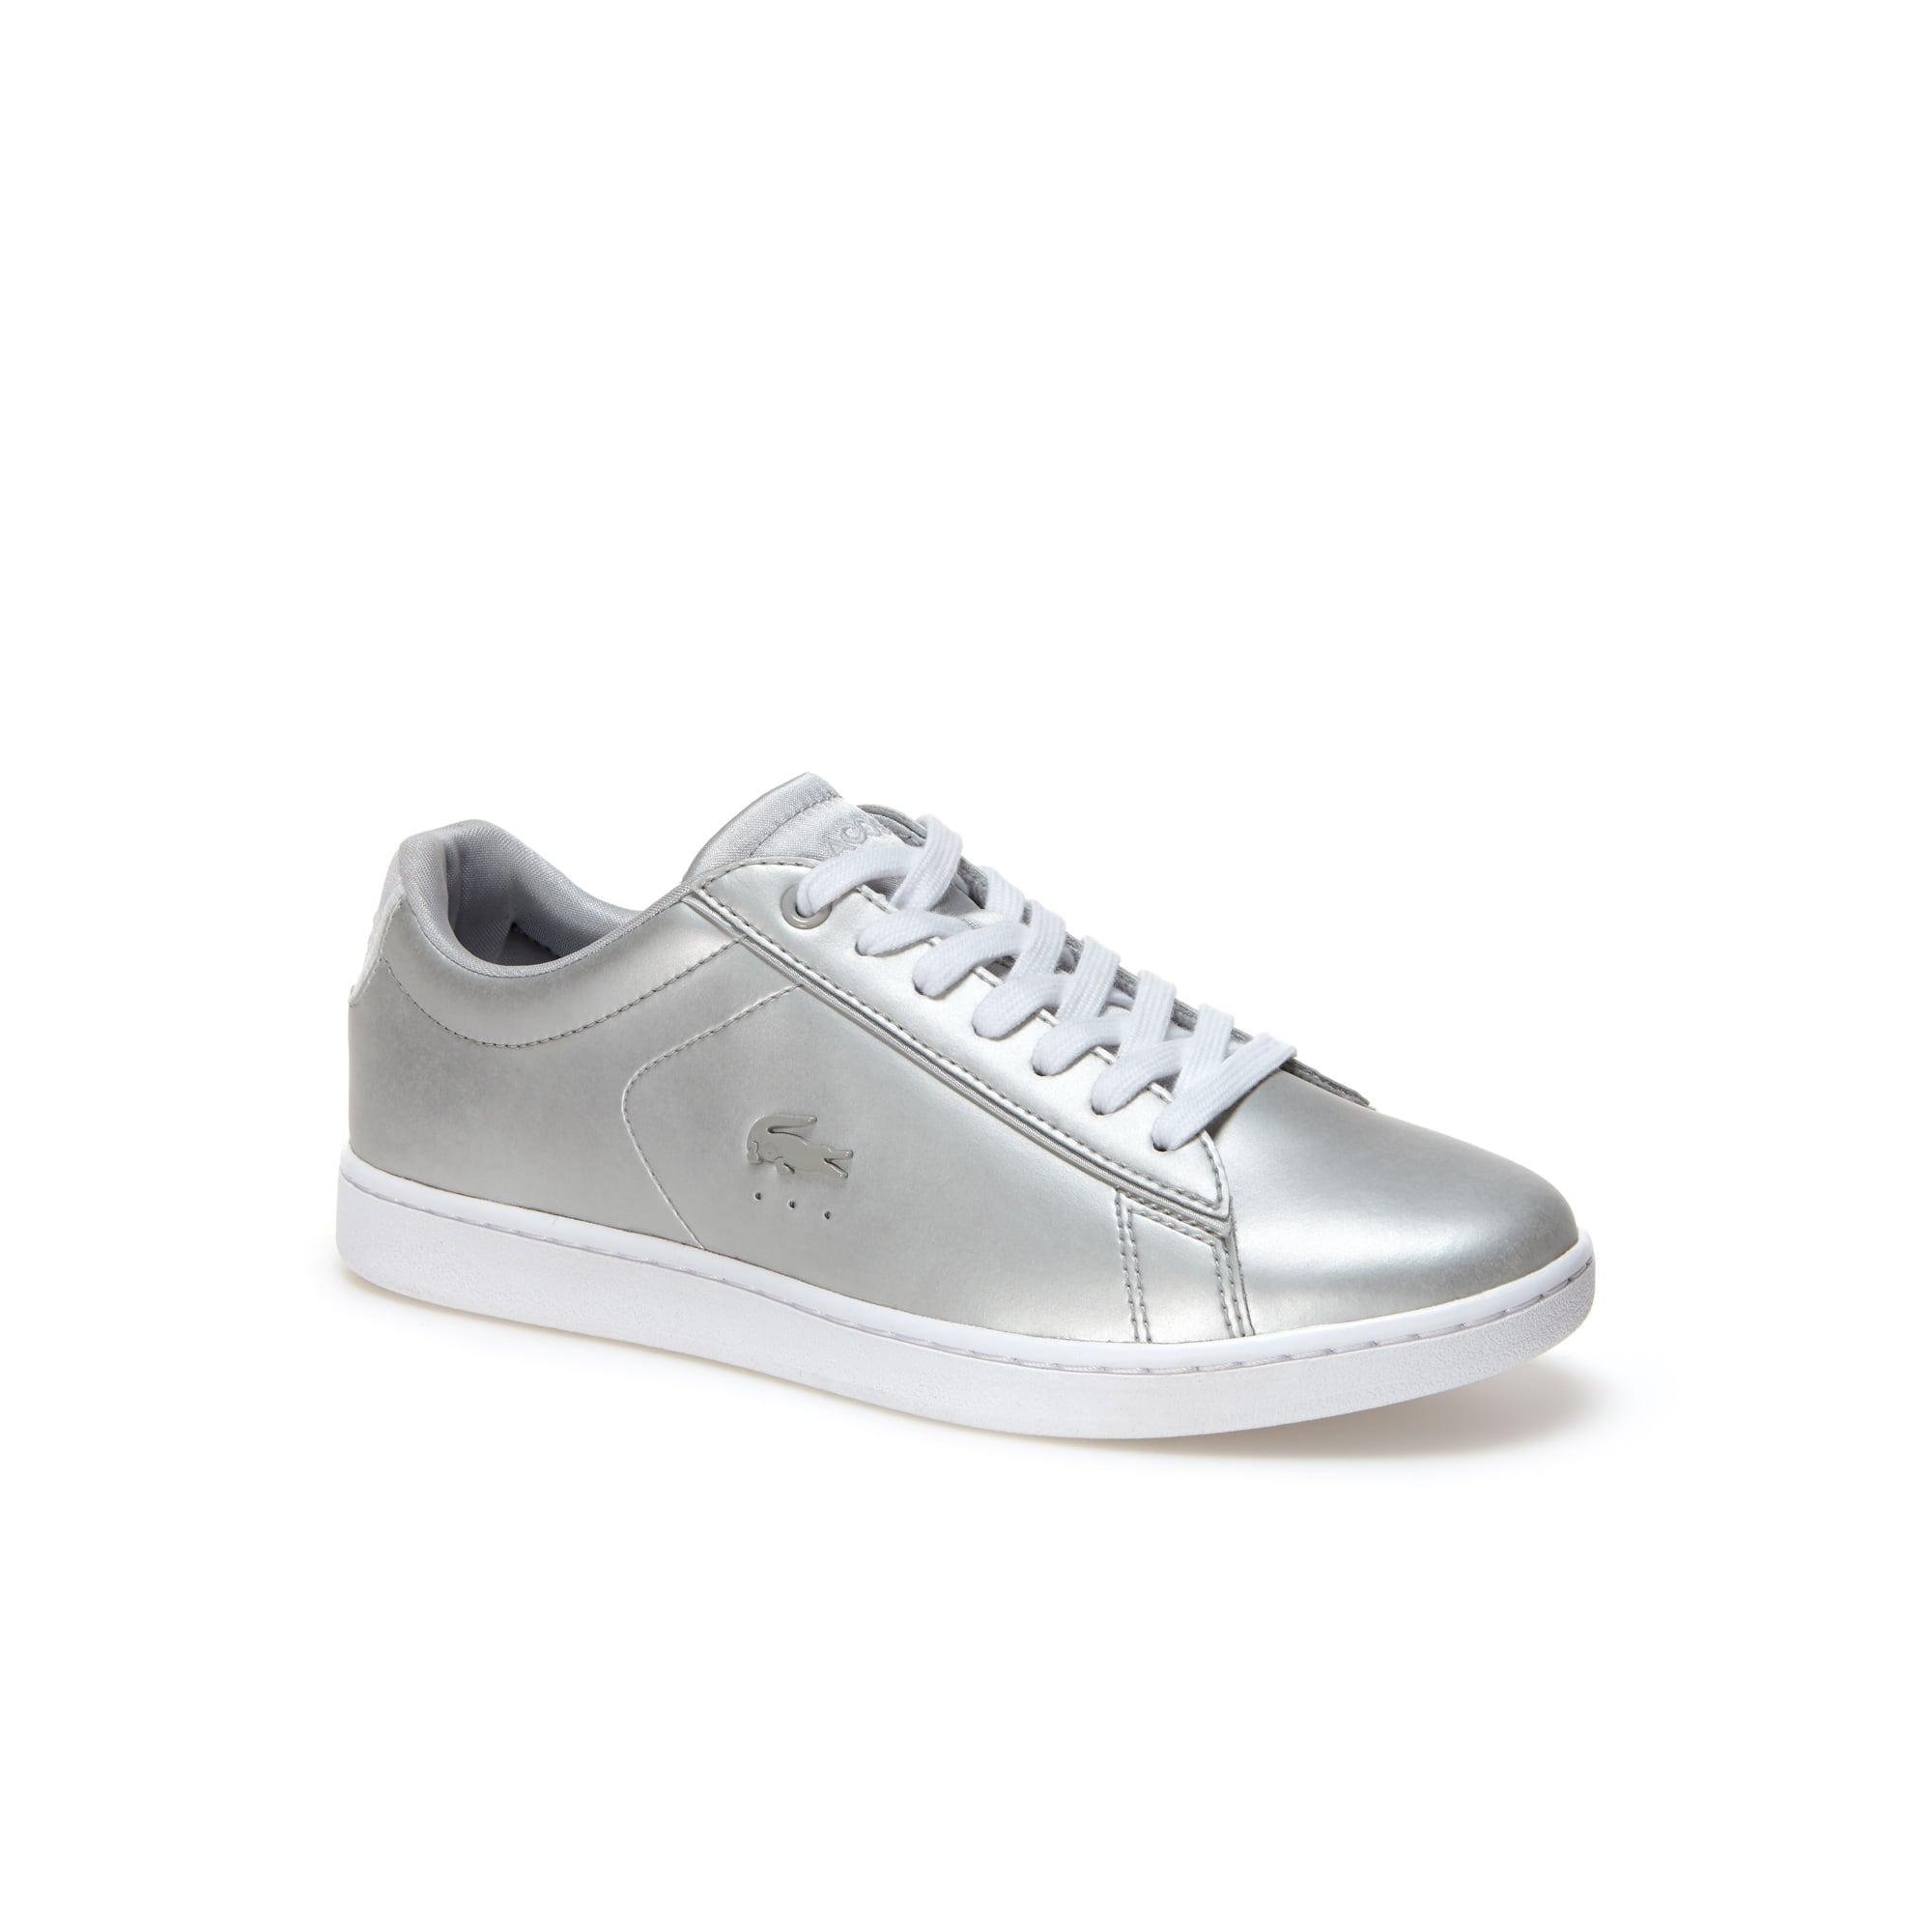 Sneakers Carnaby Evo in pelle con finitura metallizzata